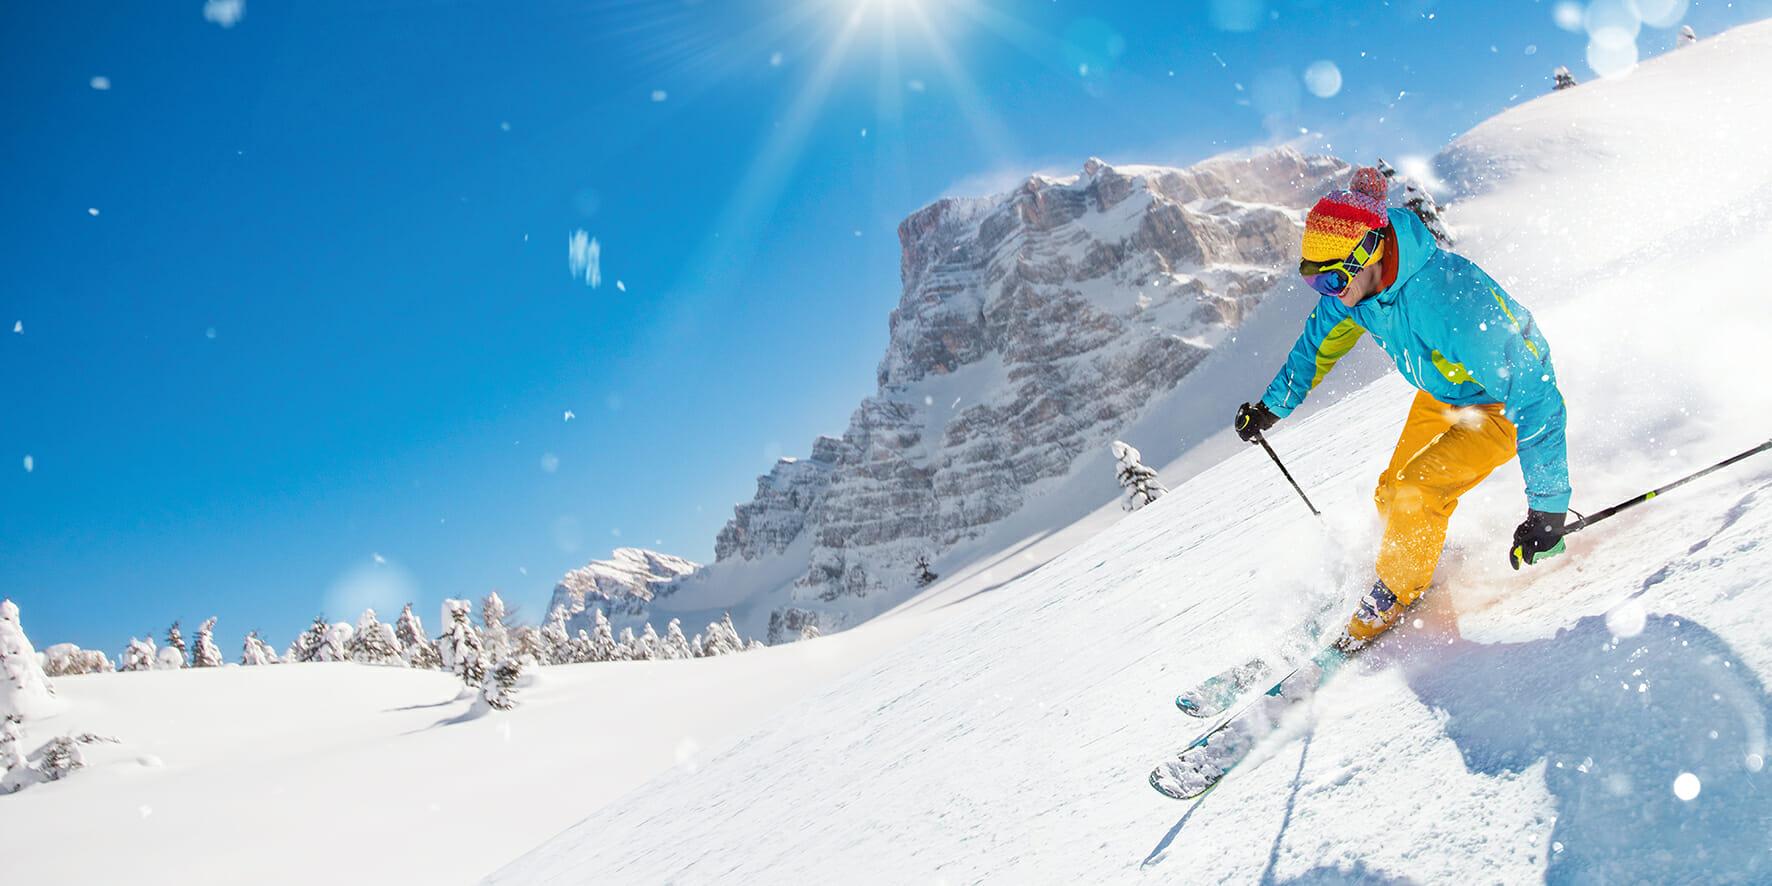 Rupture du ligament croisé antérieur: des gestes préventifs pour réduire les risques